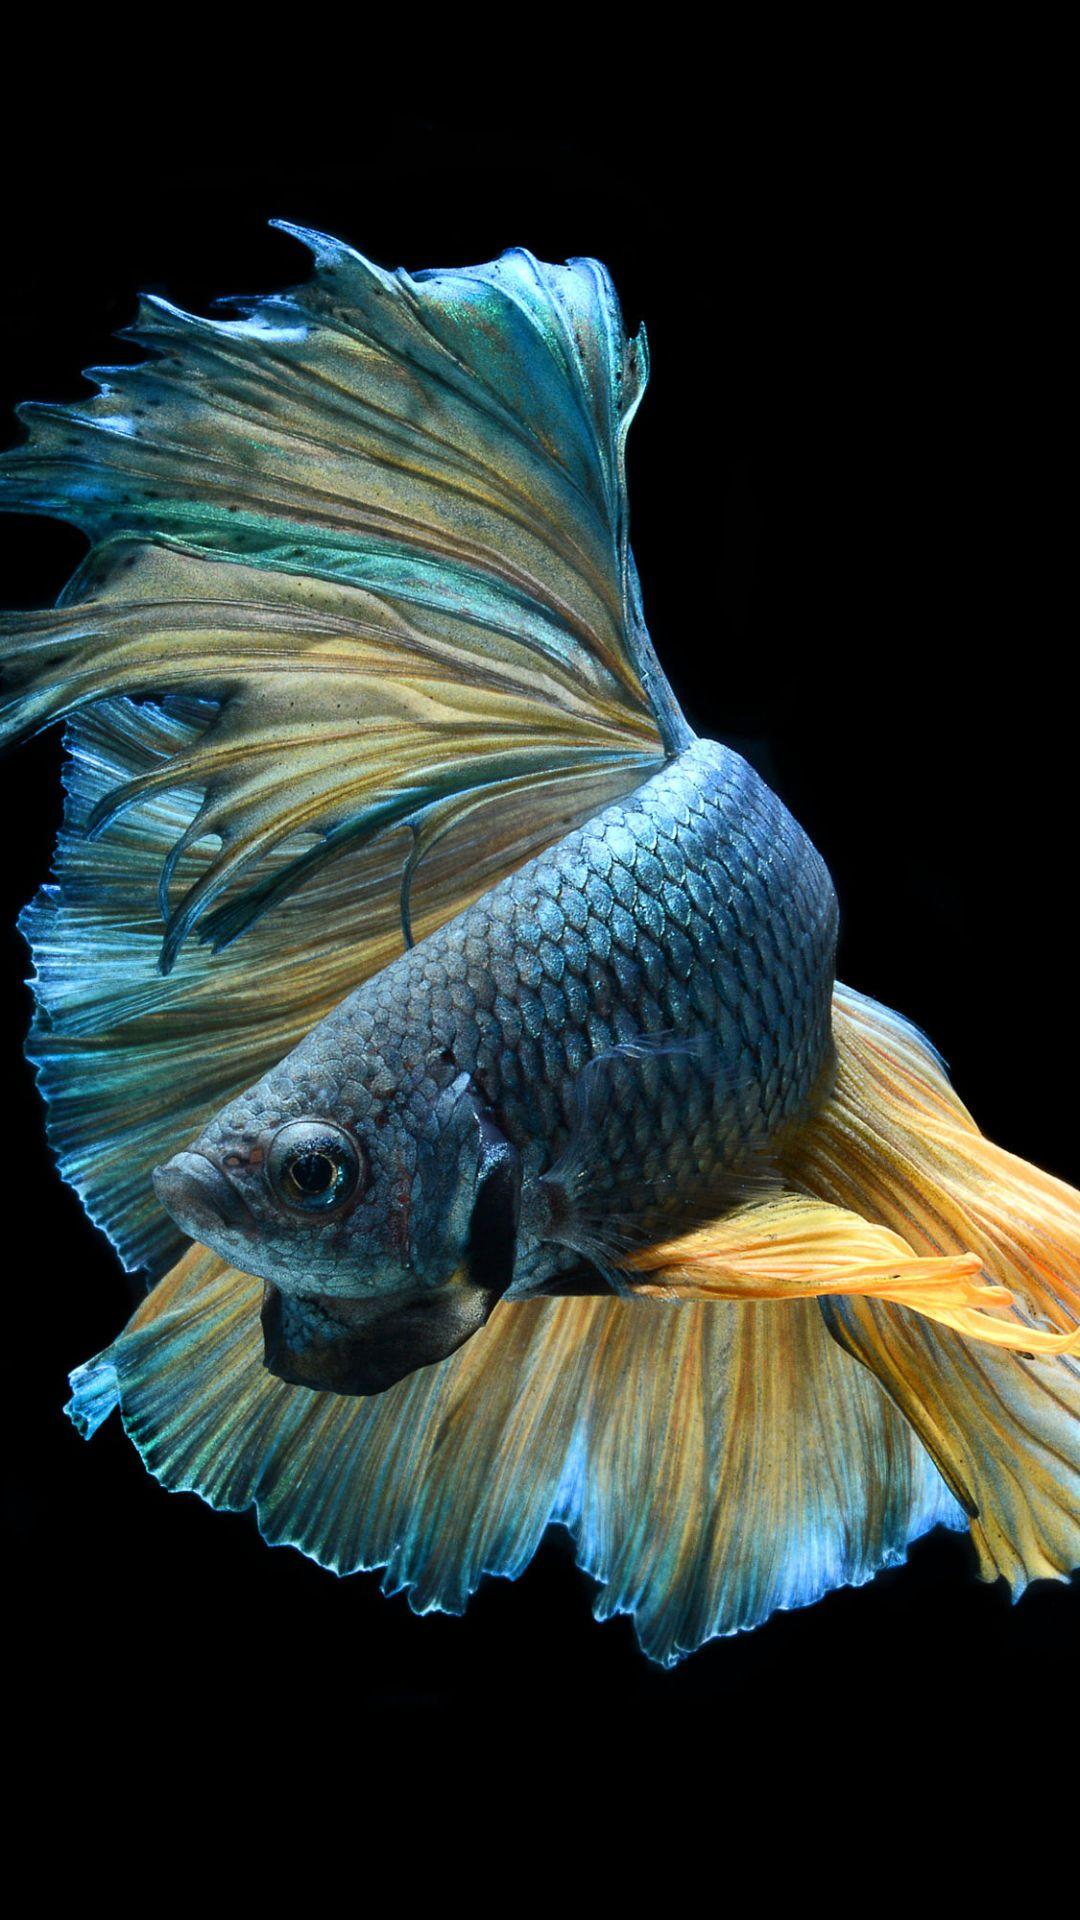 Betta Fish iPhone hd wallpaper